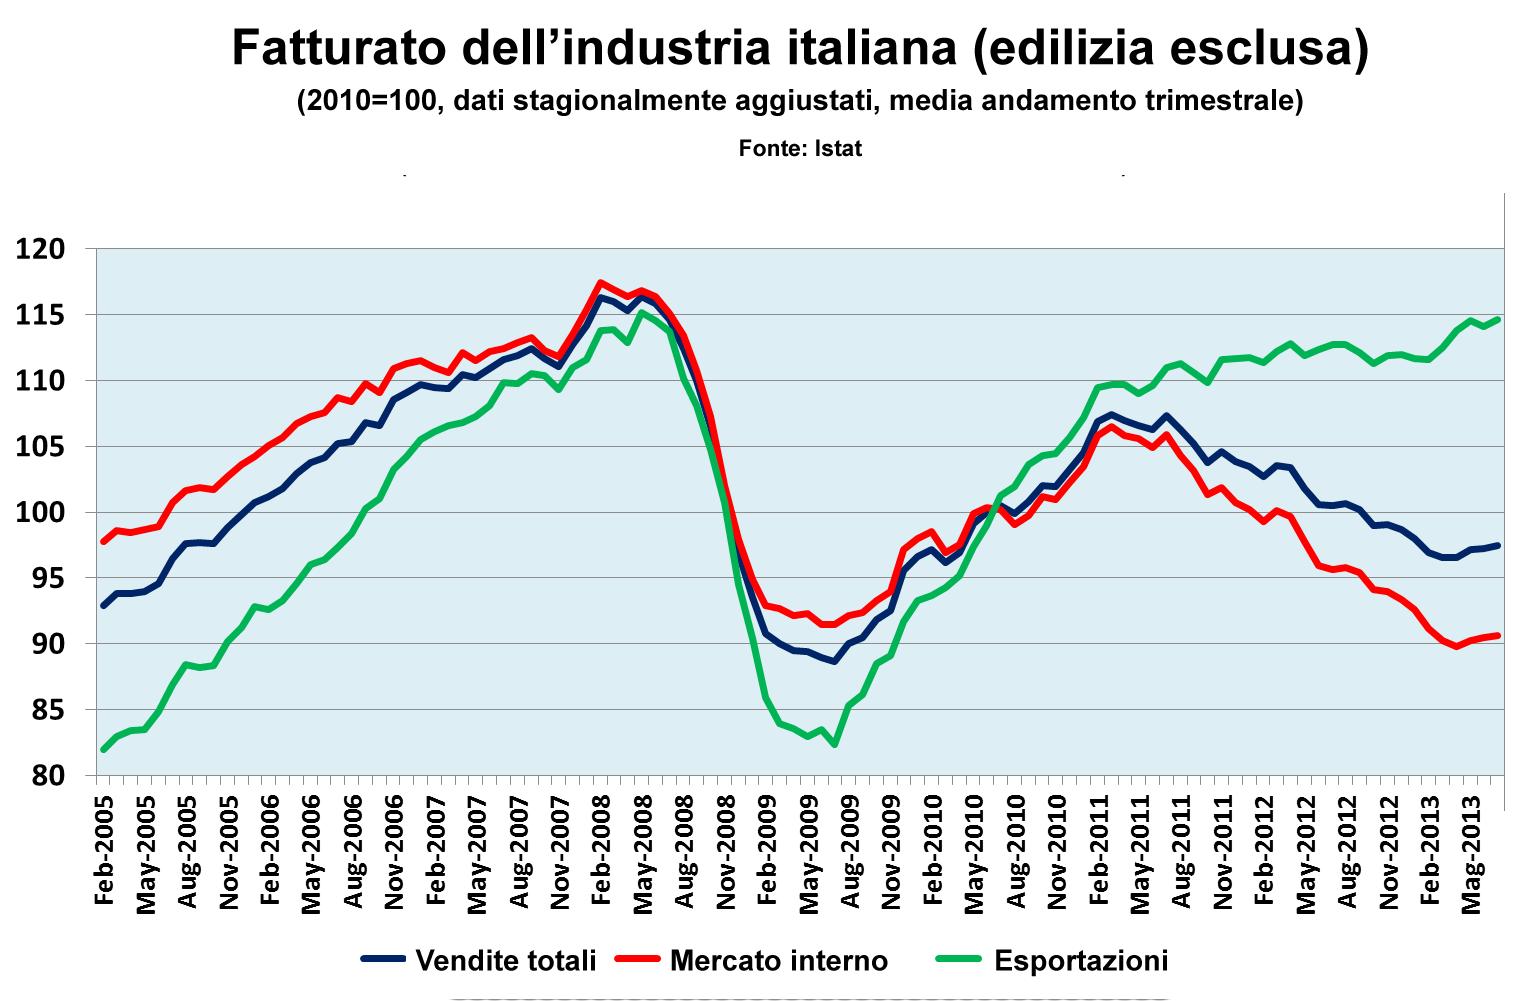 Fatturato industria italiana (no edilizia)